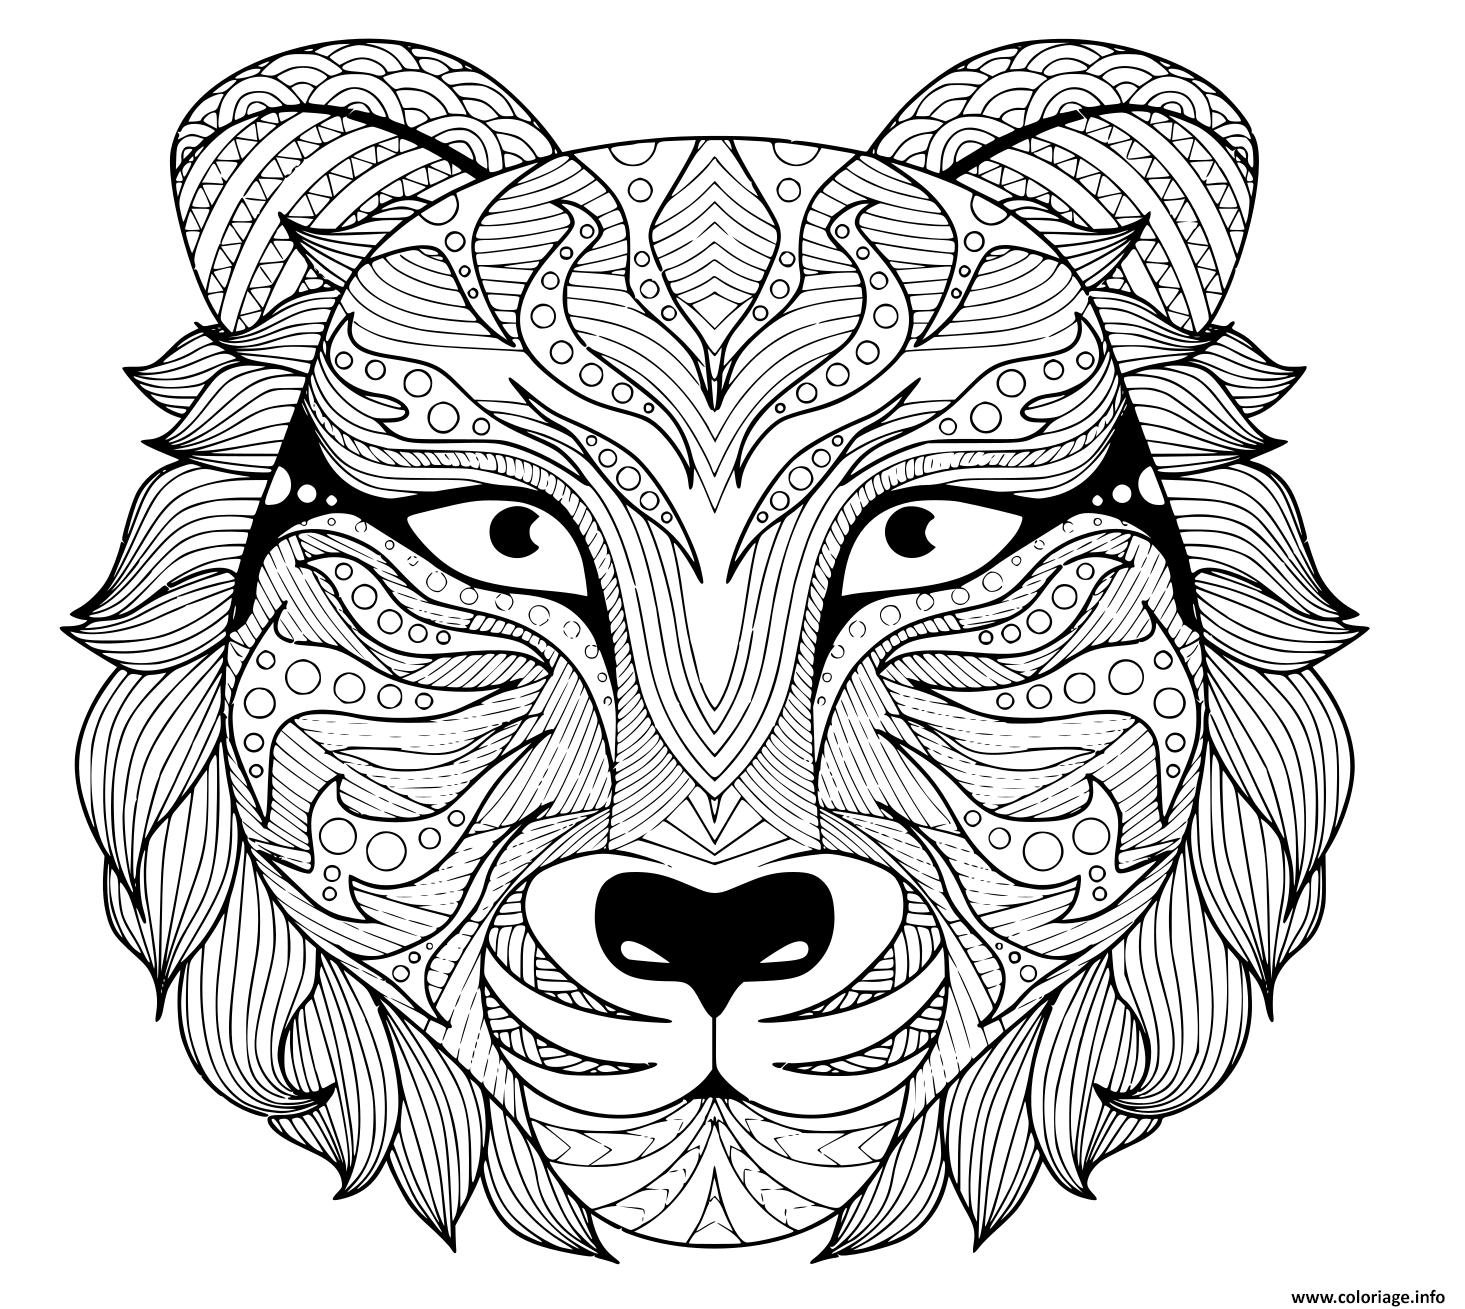 Dessin tattoo tigre zentangle adulte avec yeux colore Coloriage Gratuit à Imprimer